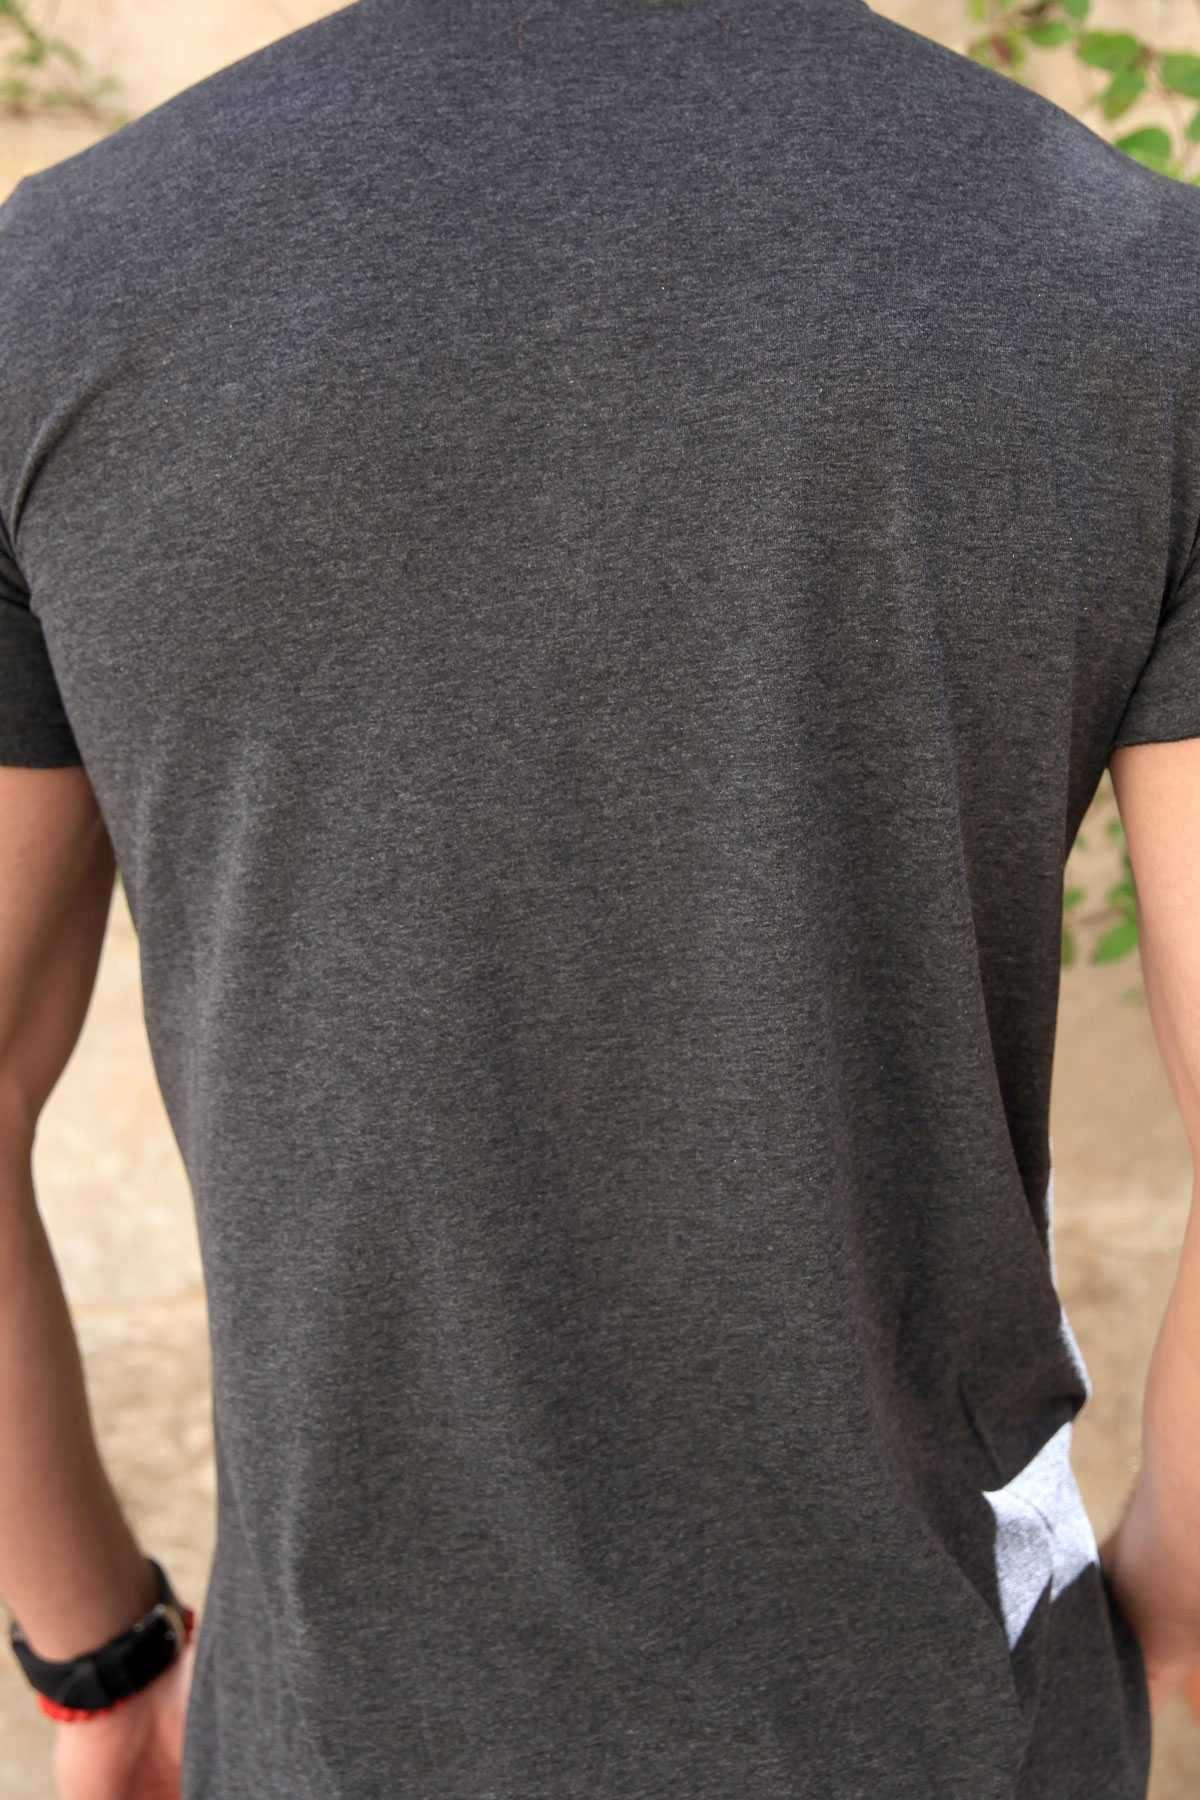 Yakası Çıtçıtlı Önü Kısa Arkası Uzun Pis Yaka Tişört Antrasit